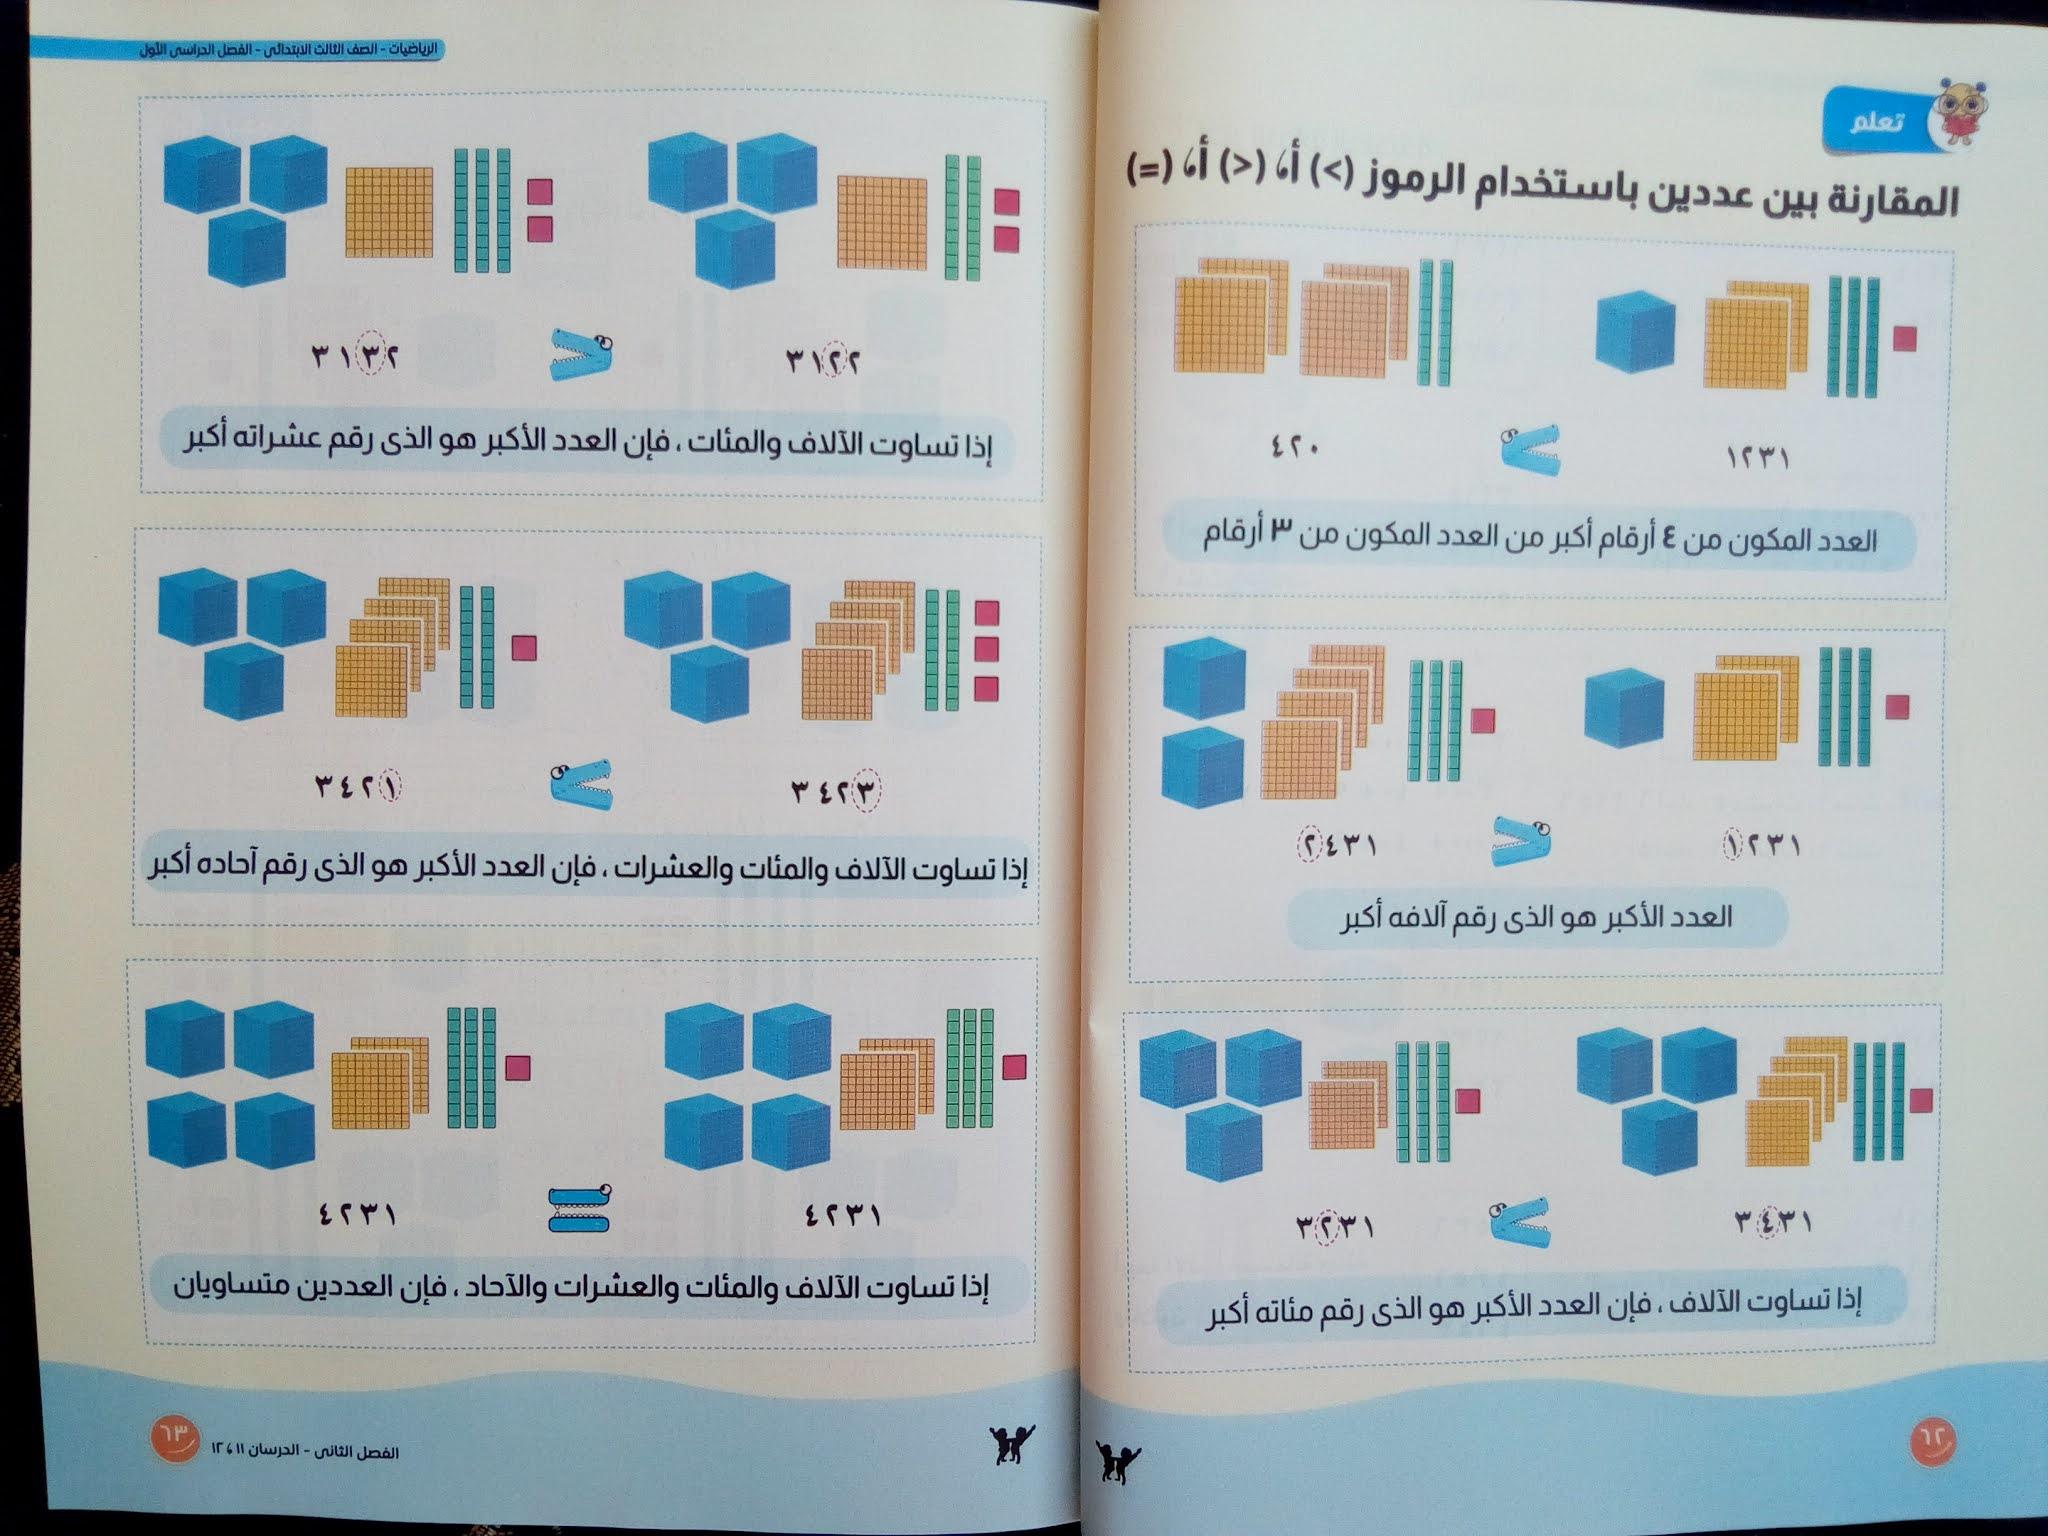 كتاب سلاح التلميذ الرياضيات للصف الثالث الابتدائي